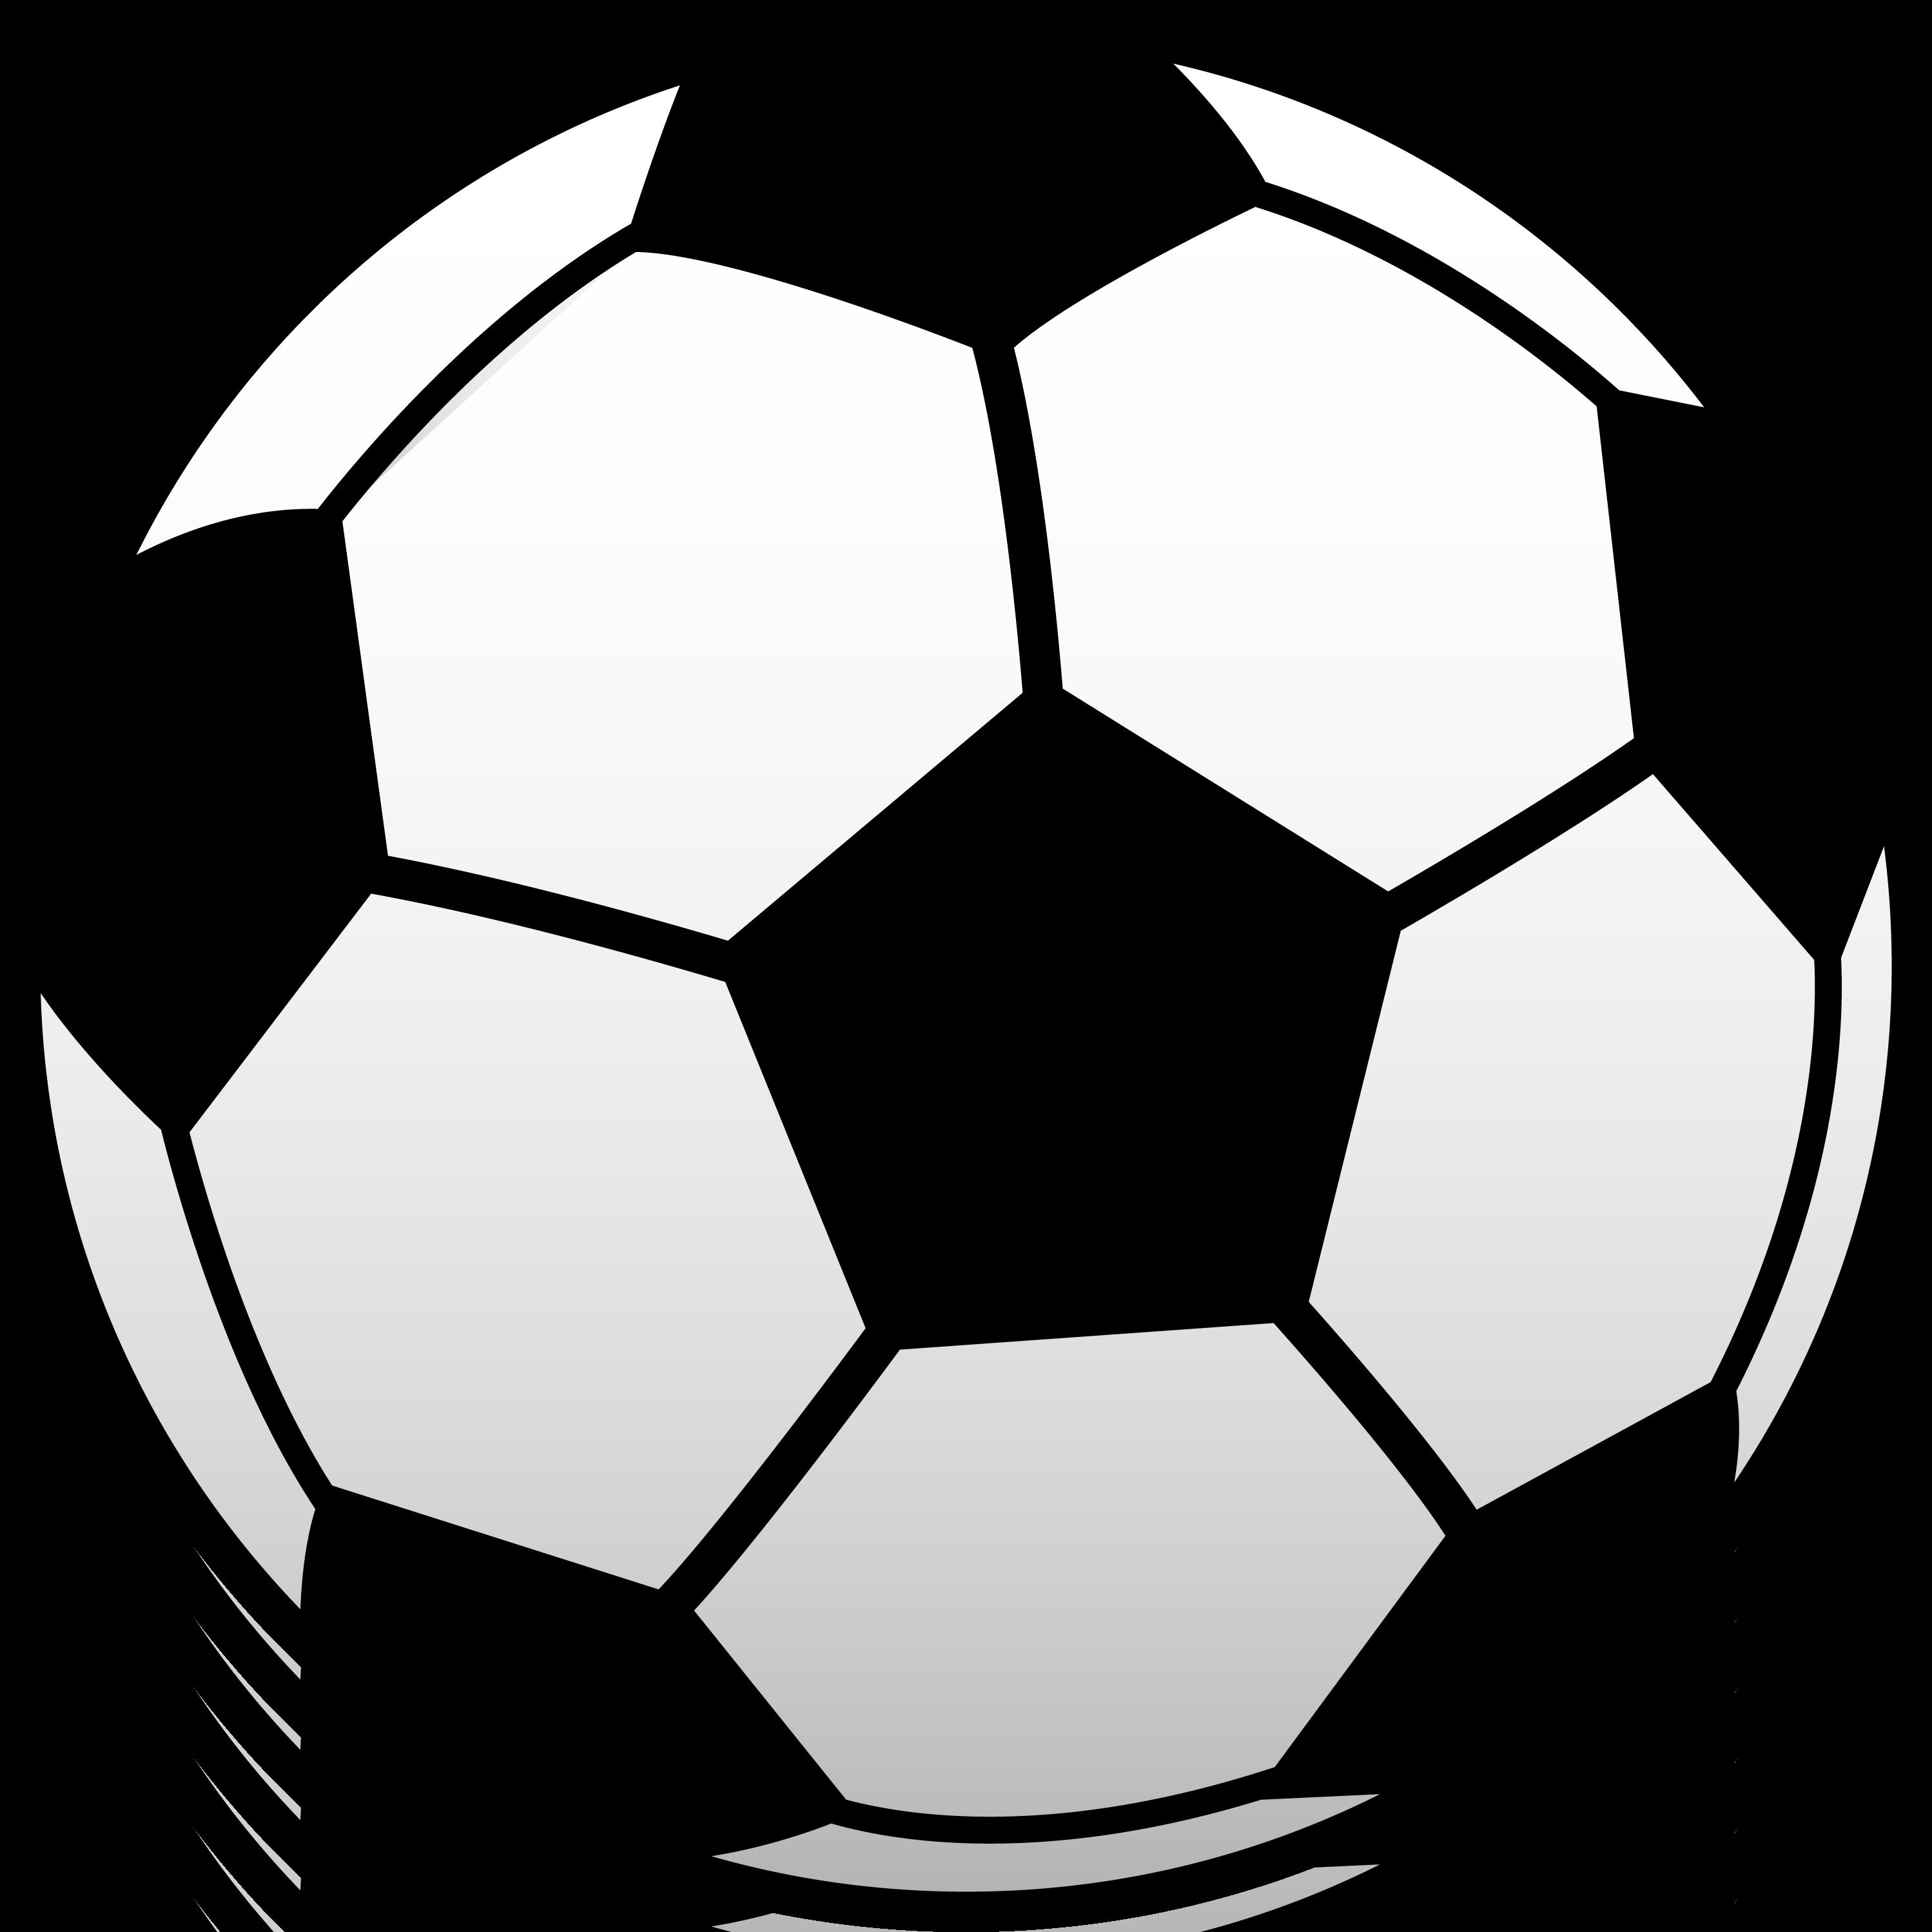 soccer ball clipart-soccer ball clipart-11